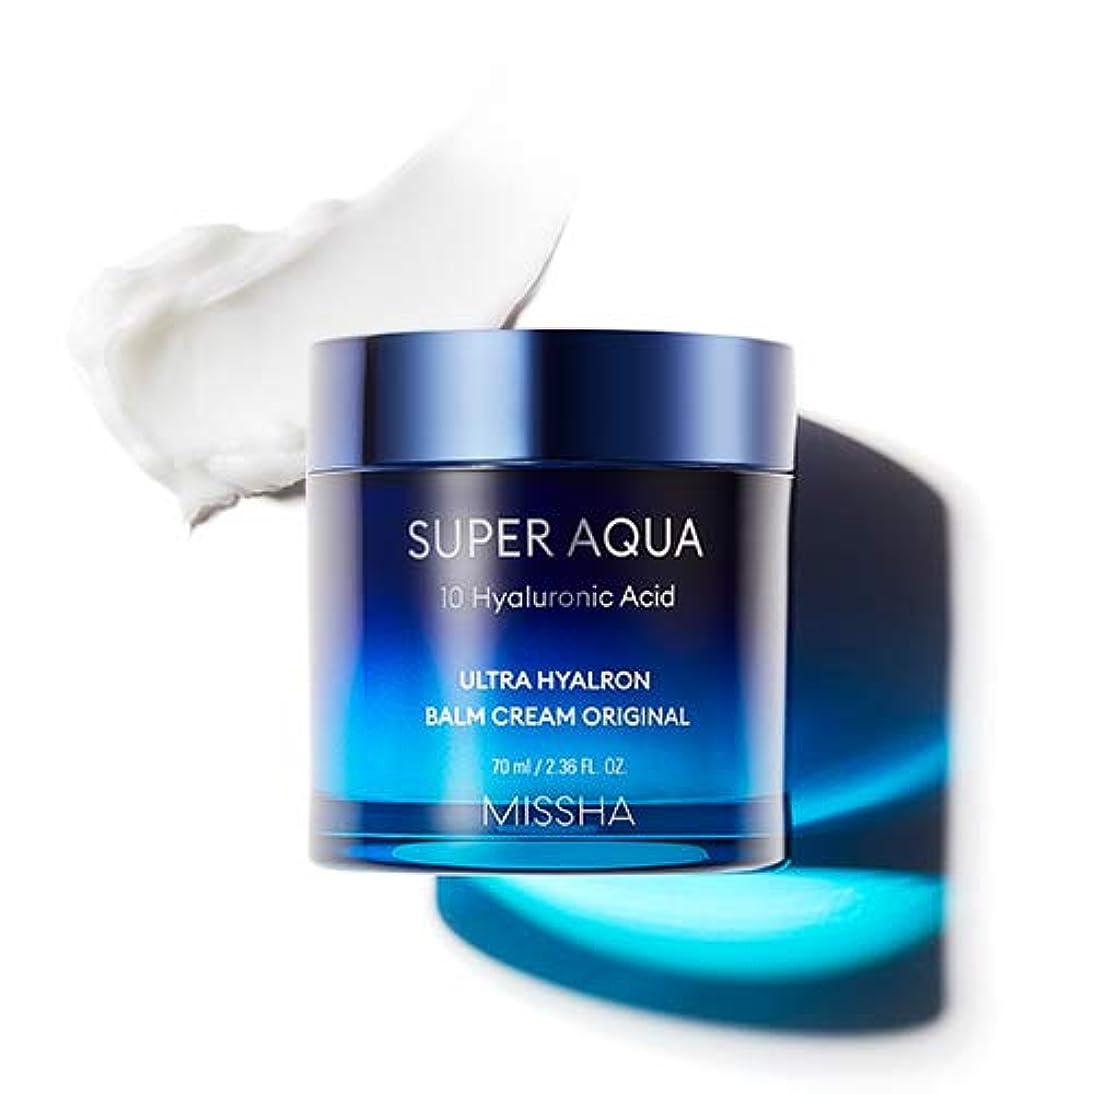 同僚改修強化するMISSHA Super Aqua Ultra Hyalron Balm Cream Original ミシャ スーパーアクア ウルトラ ヒアルロン バーム クリーム オリジナル 70ml [並行輸入品]